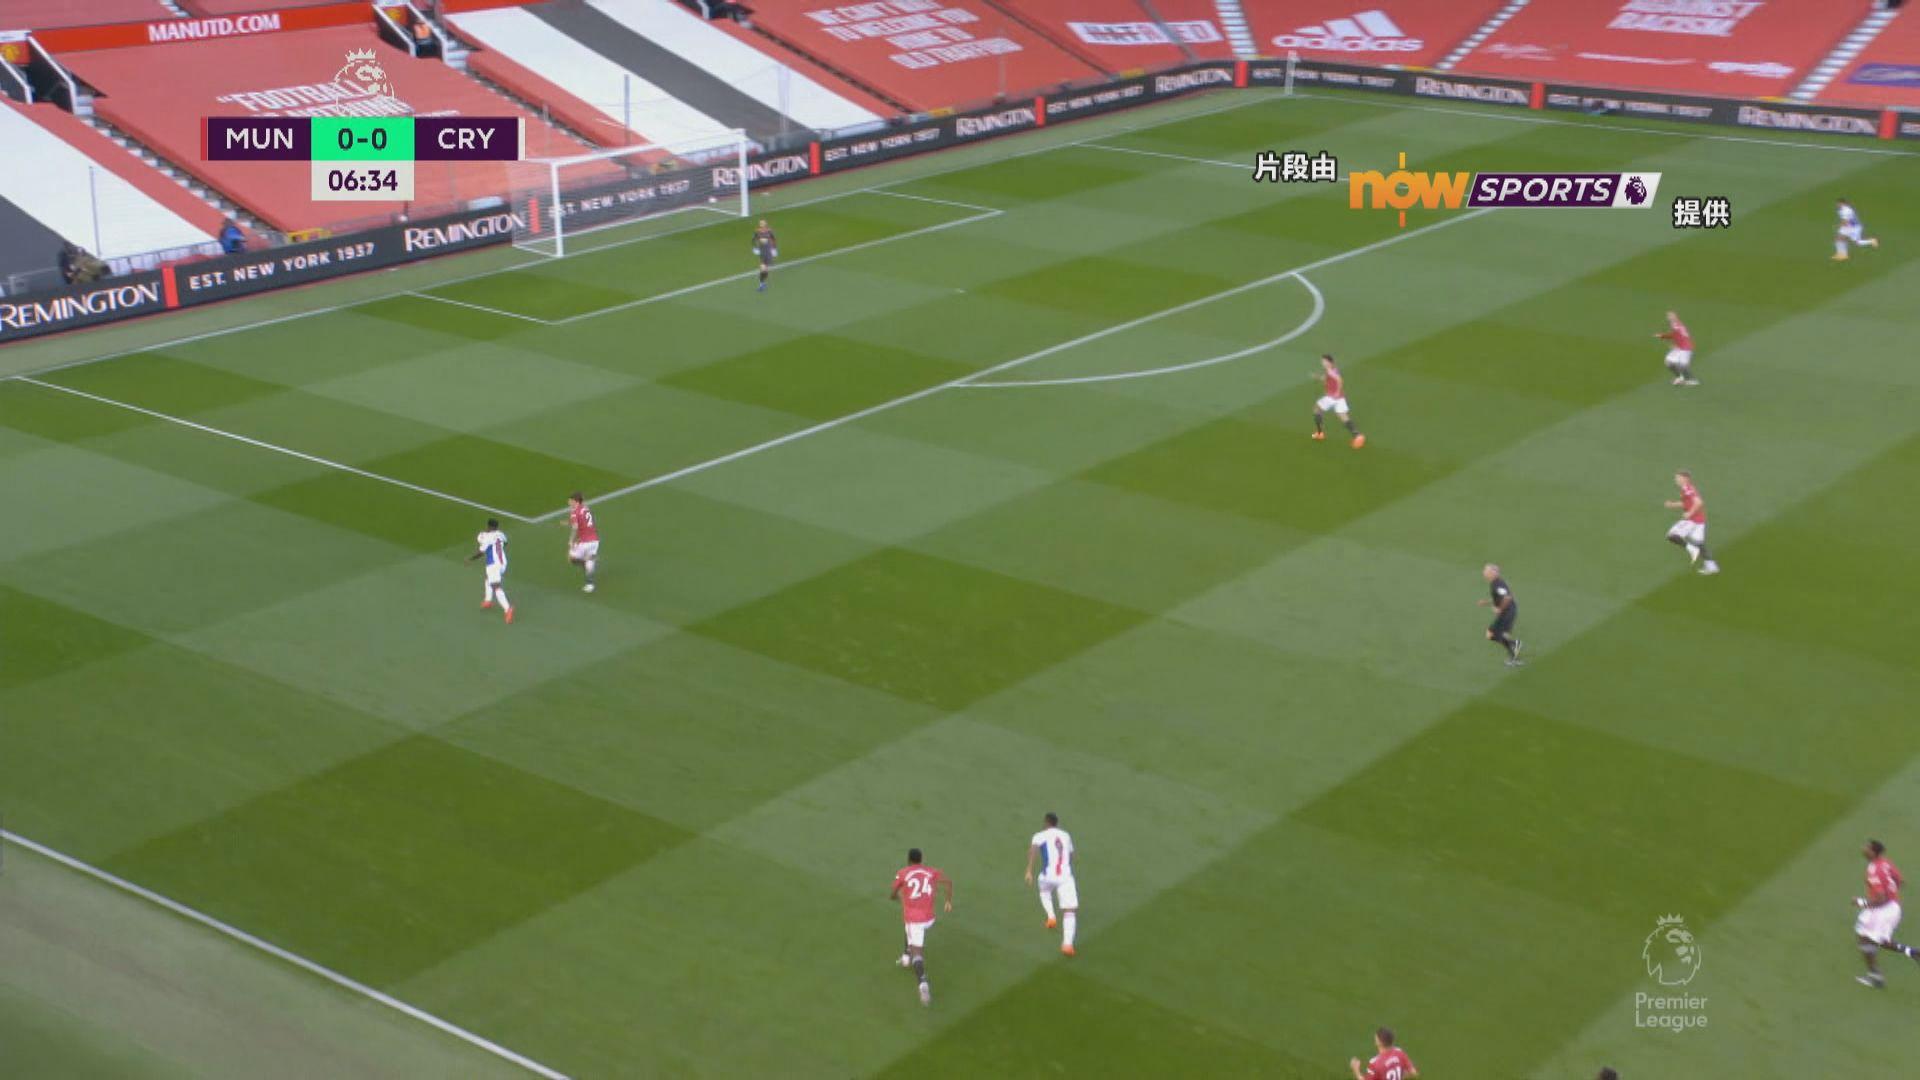 英超:曼聯 1:3 水晶宮、阿仙奴 2:1 韋斯咸